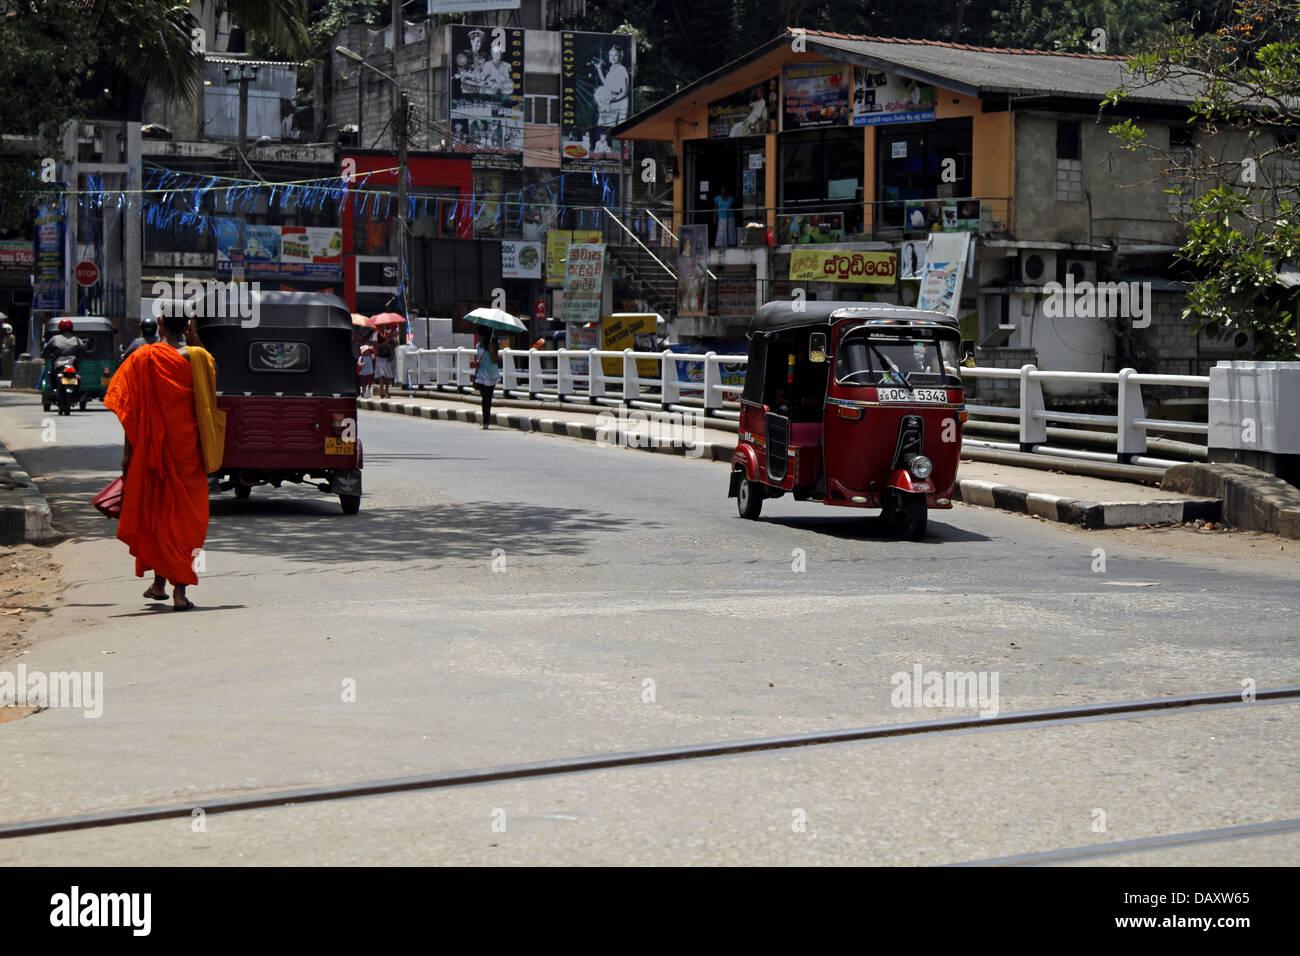 MONK IN ORANGE ROBE & TUC TUCS PERADENIYA SRI LANKA 12 March 2013 - Stock Image